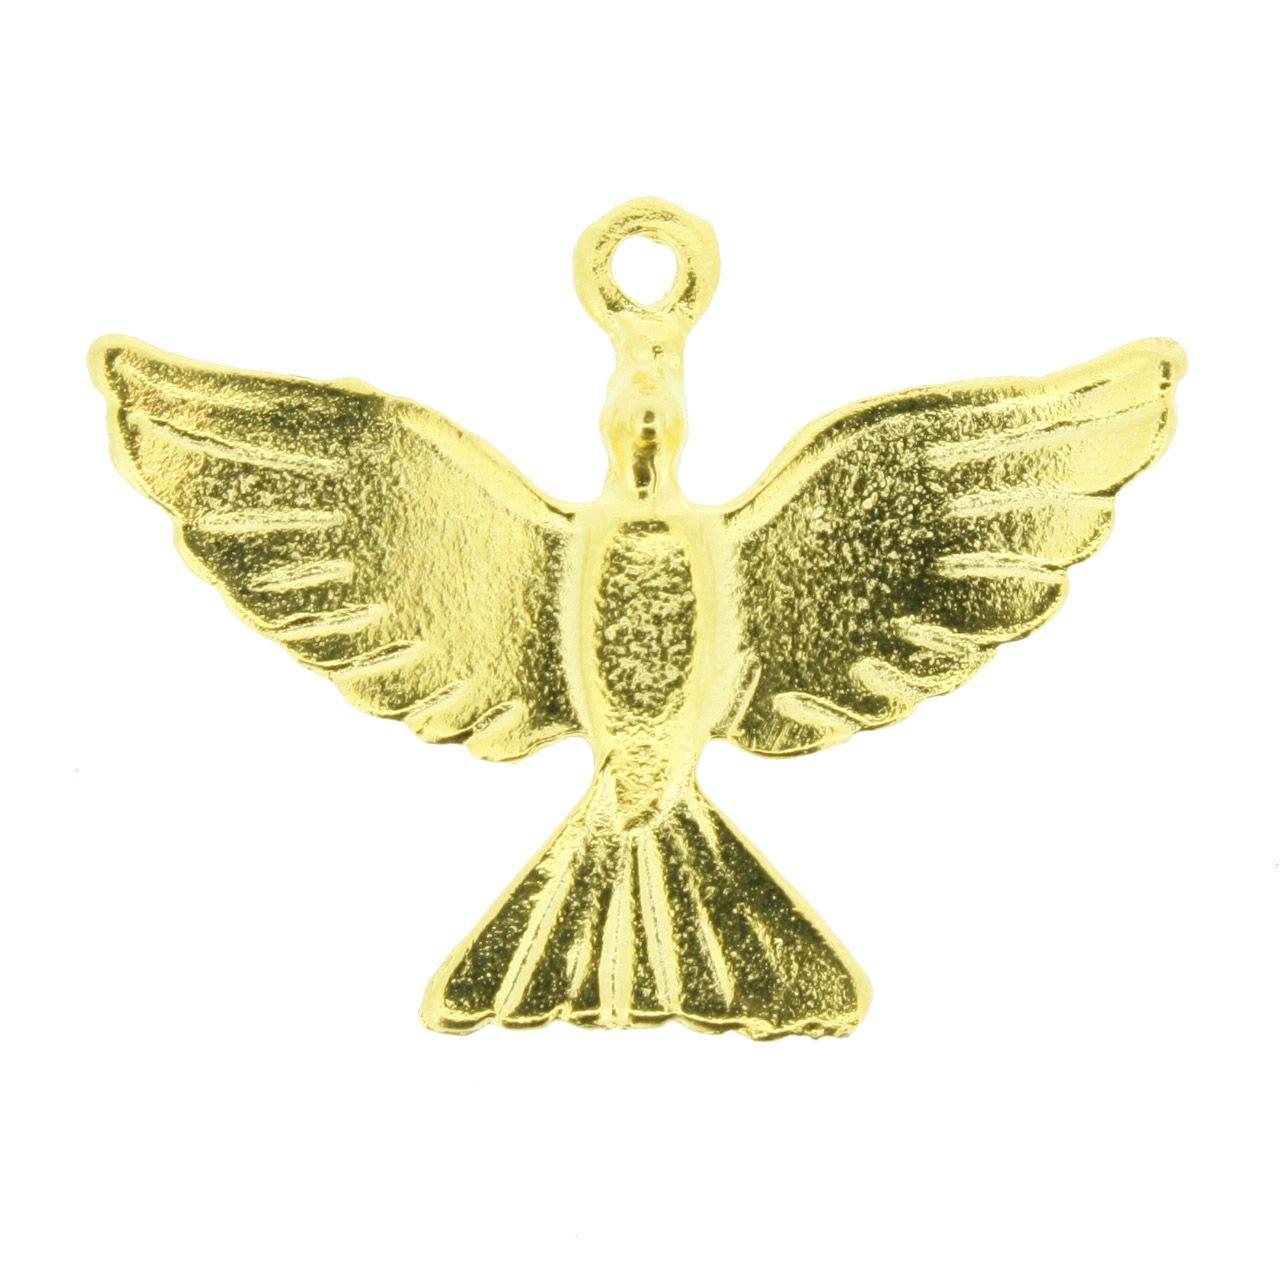 Divino Espírito Santo - Dourado - 24mm  - Universo Religioso® - Artigos de Umbanda e Candomblé